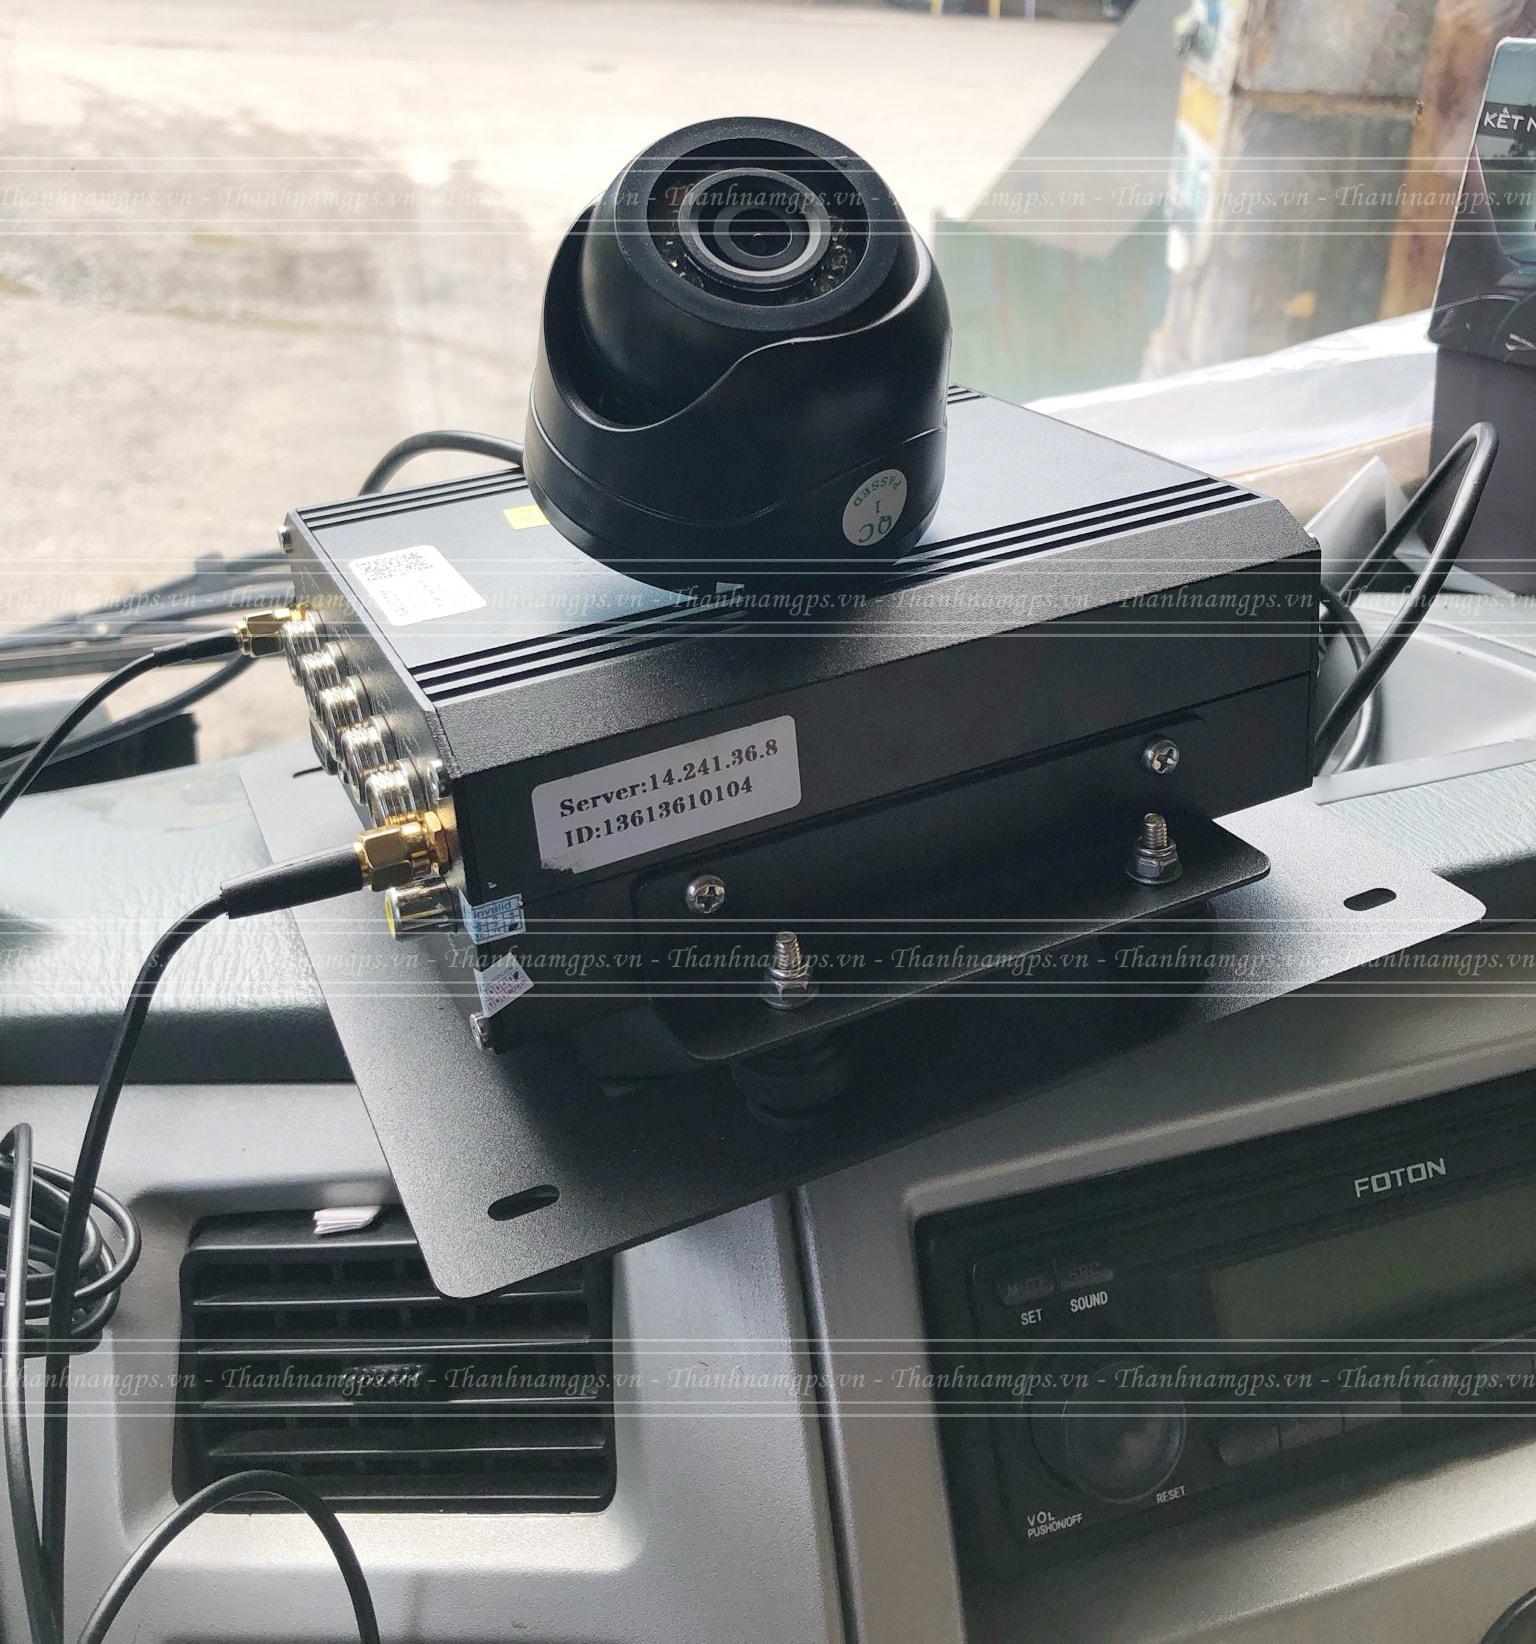 giám sát xe tải thông minh với navicom hf04g